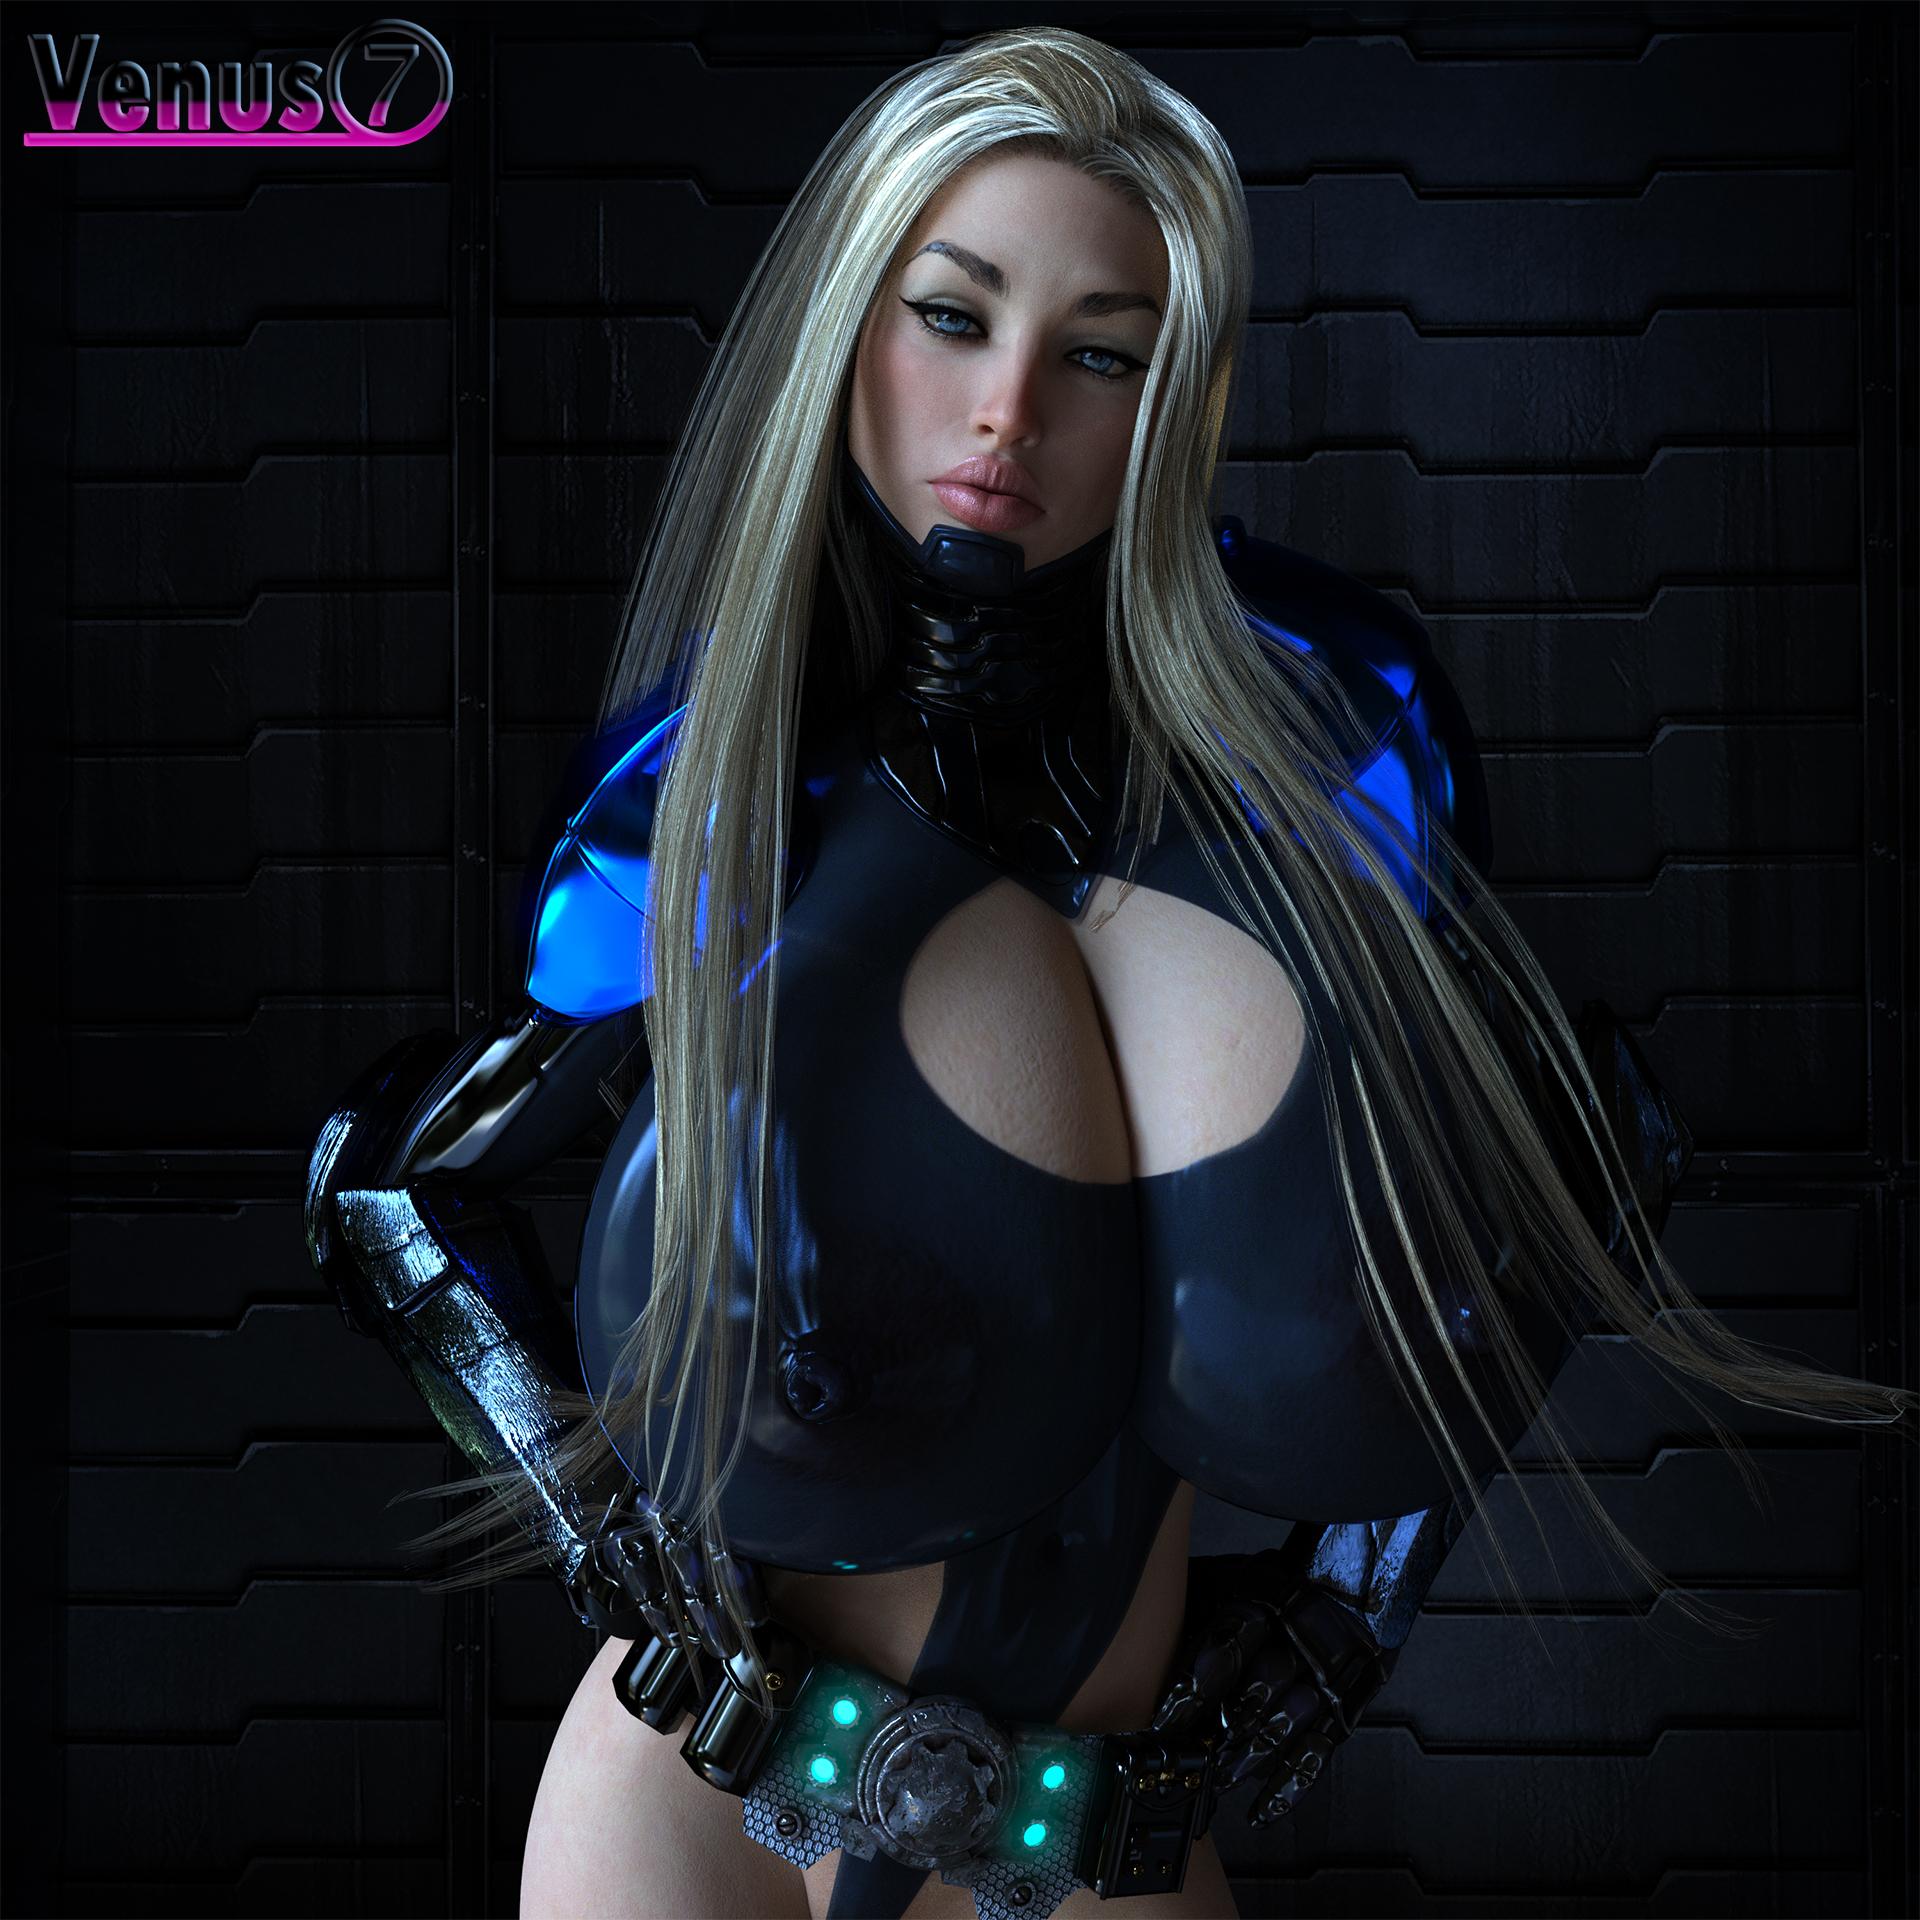 Venus 7 - 01